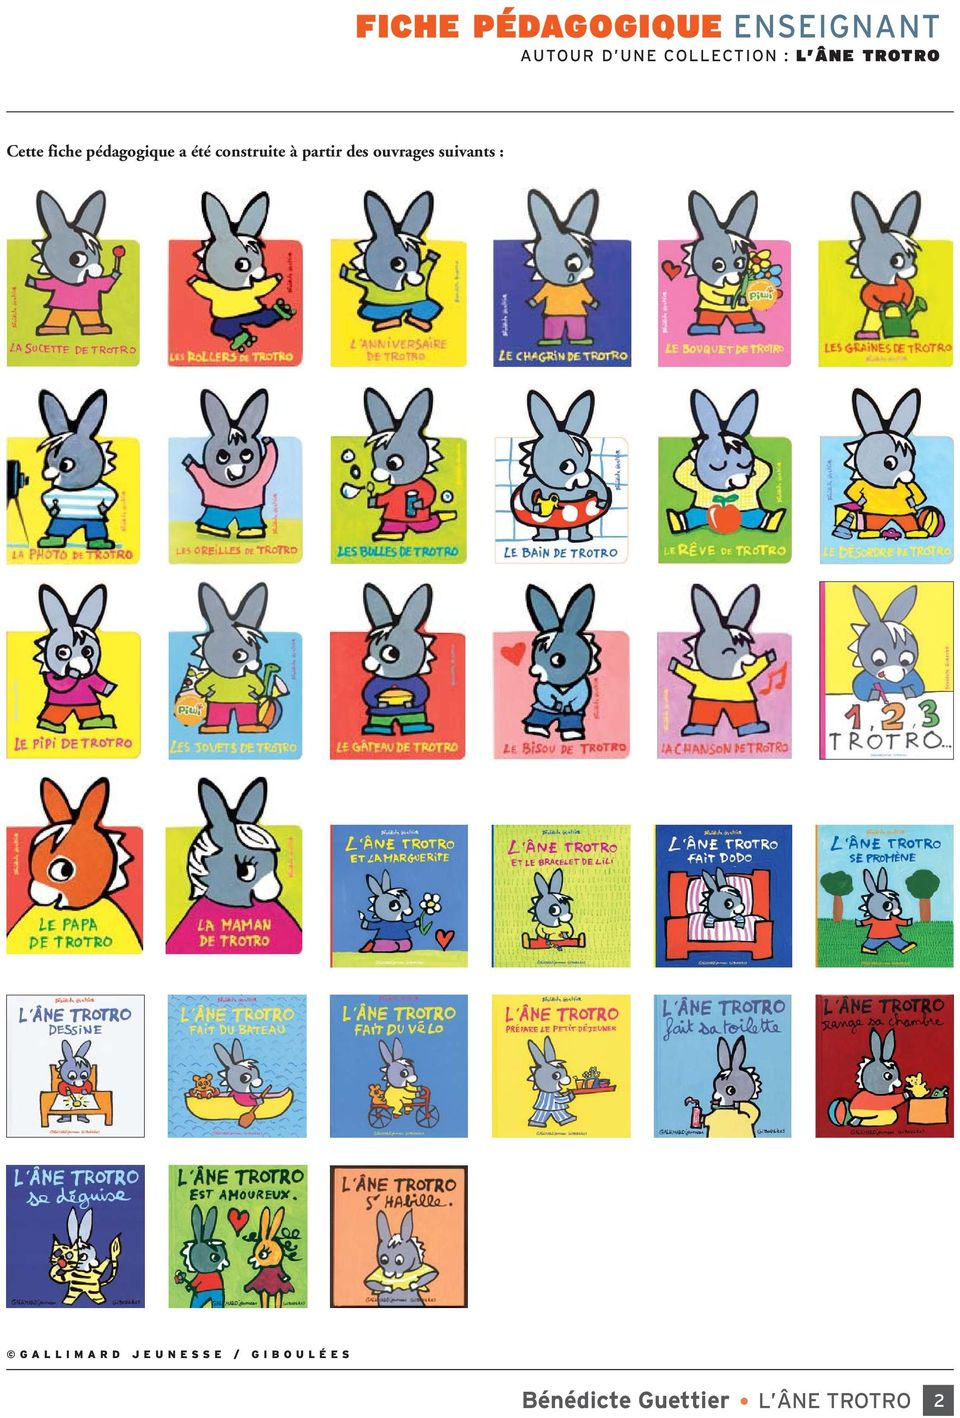 Free Download] Lane Trotro Fait Du Bateau | Old Ncert Books à Dessin Animé De Trotro En Francais Gratuit